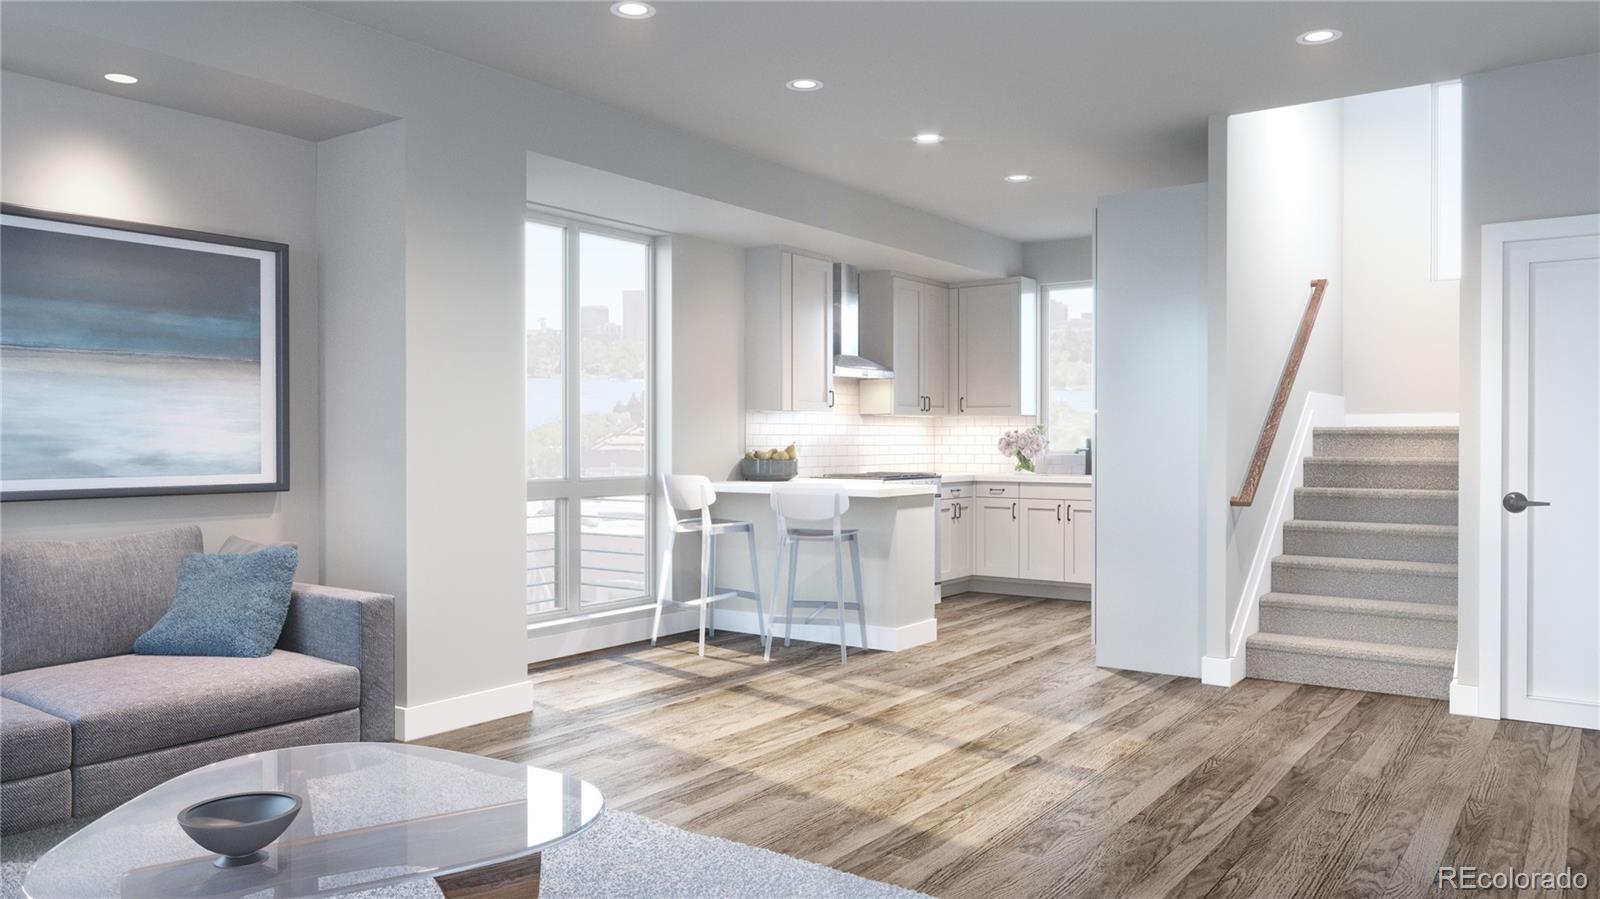 1959 Eaton Street, Lakewood, CO 80214 - Lakewood, CO real estate listing